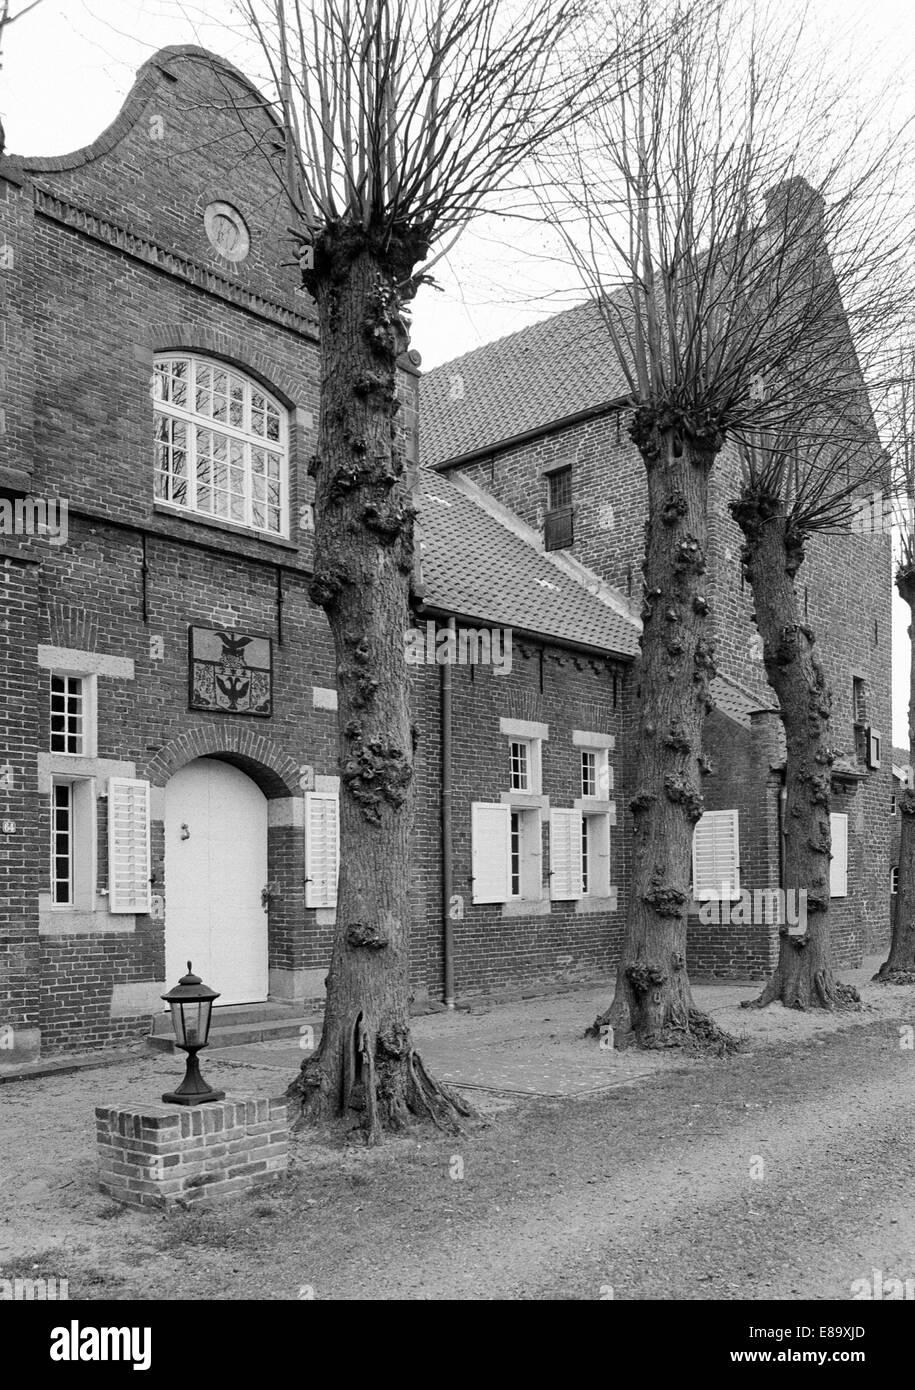 Achtziger Jahre, Steinhaus Bunderhee, heute Museum, im Mittelalter Haeuptlingsburg und Haeuptlingssitz Ostfriesischer - Stock Image